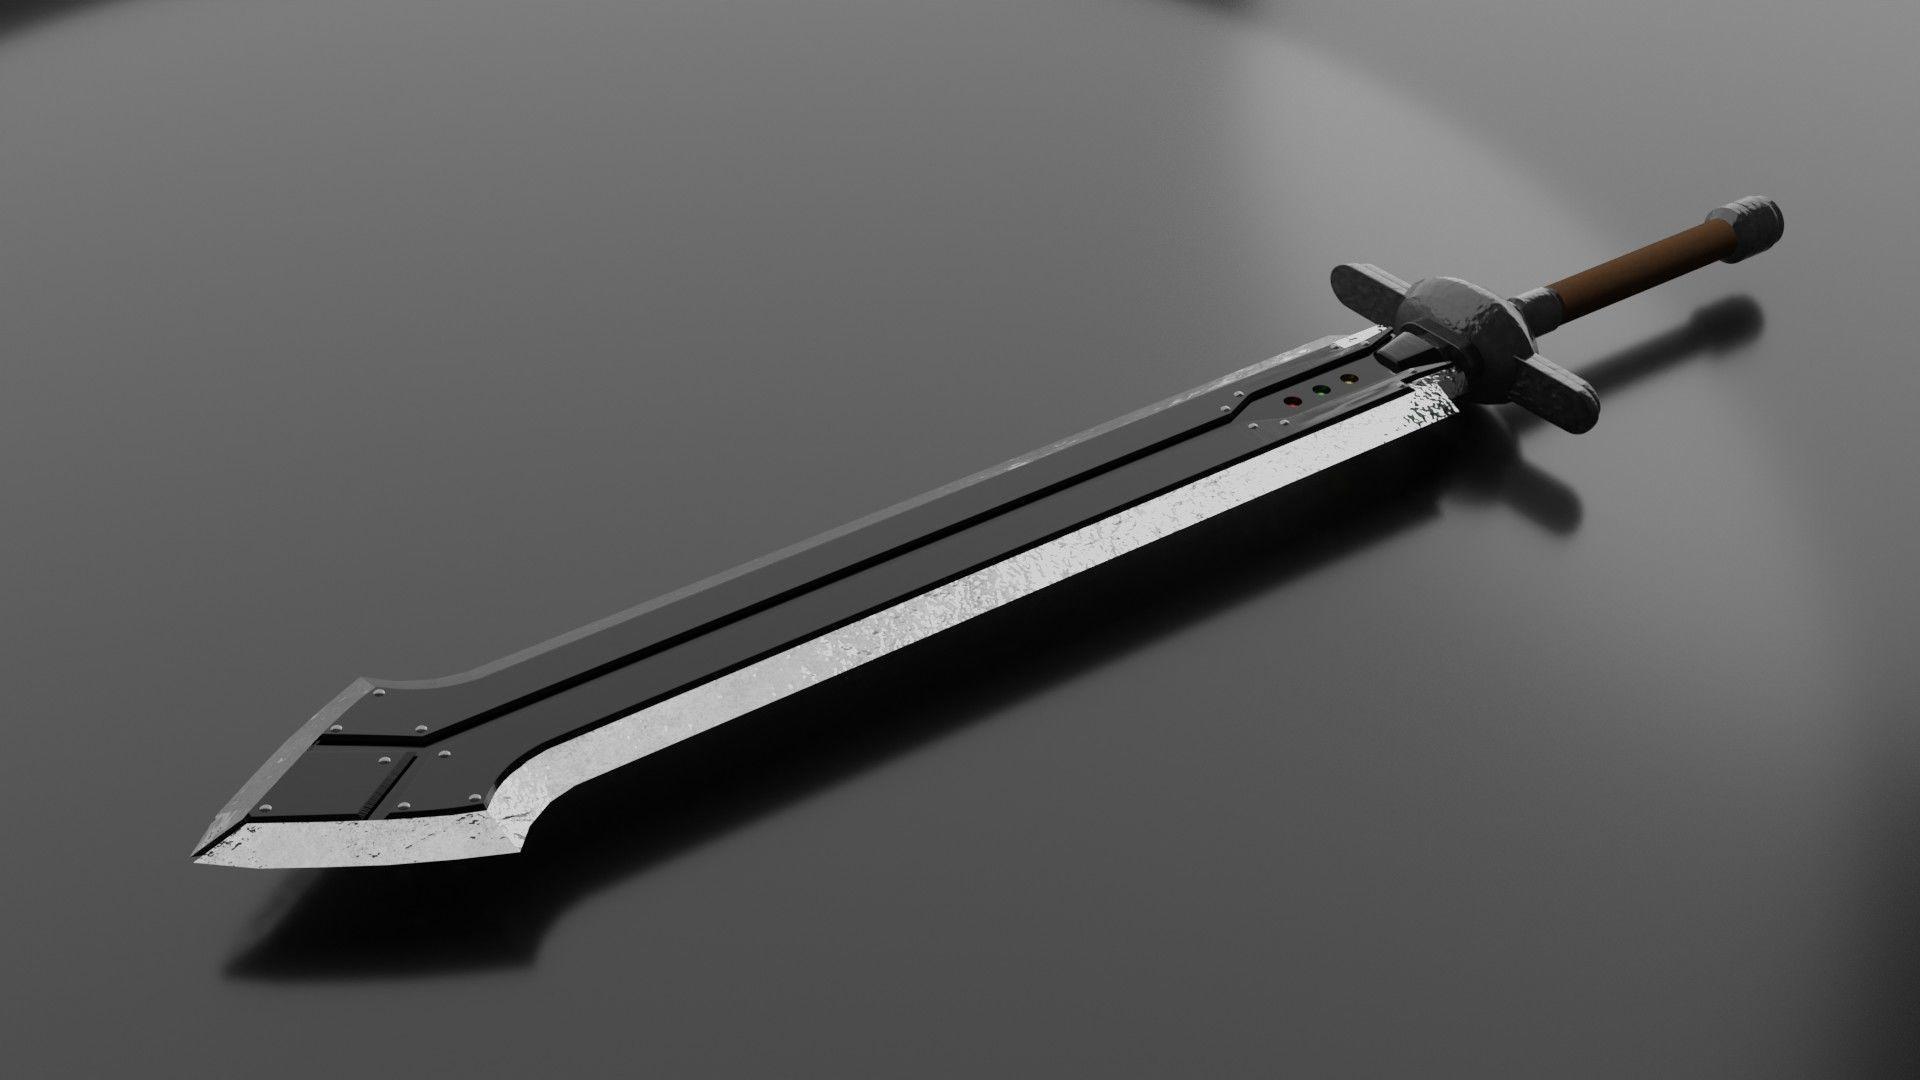 Iron Blade - Final Fantasy VII Remake